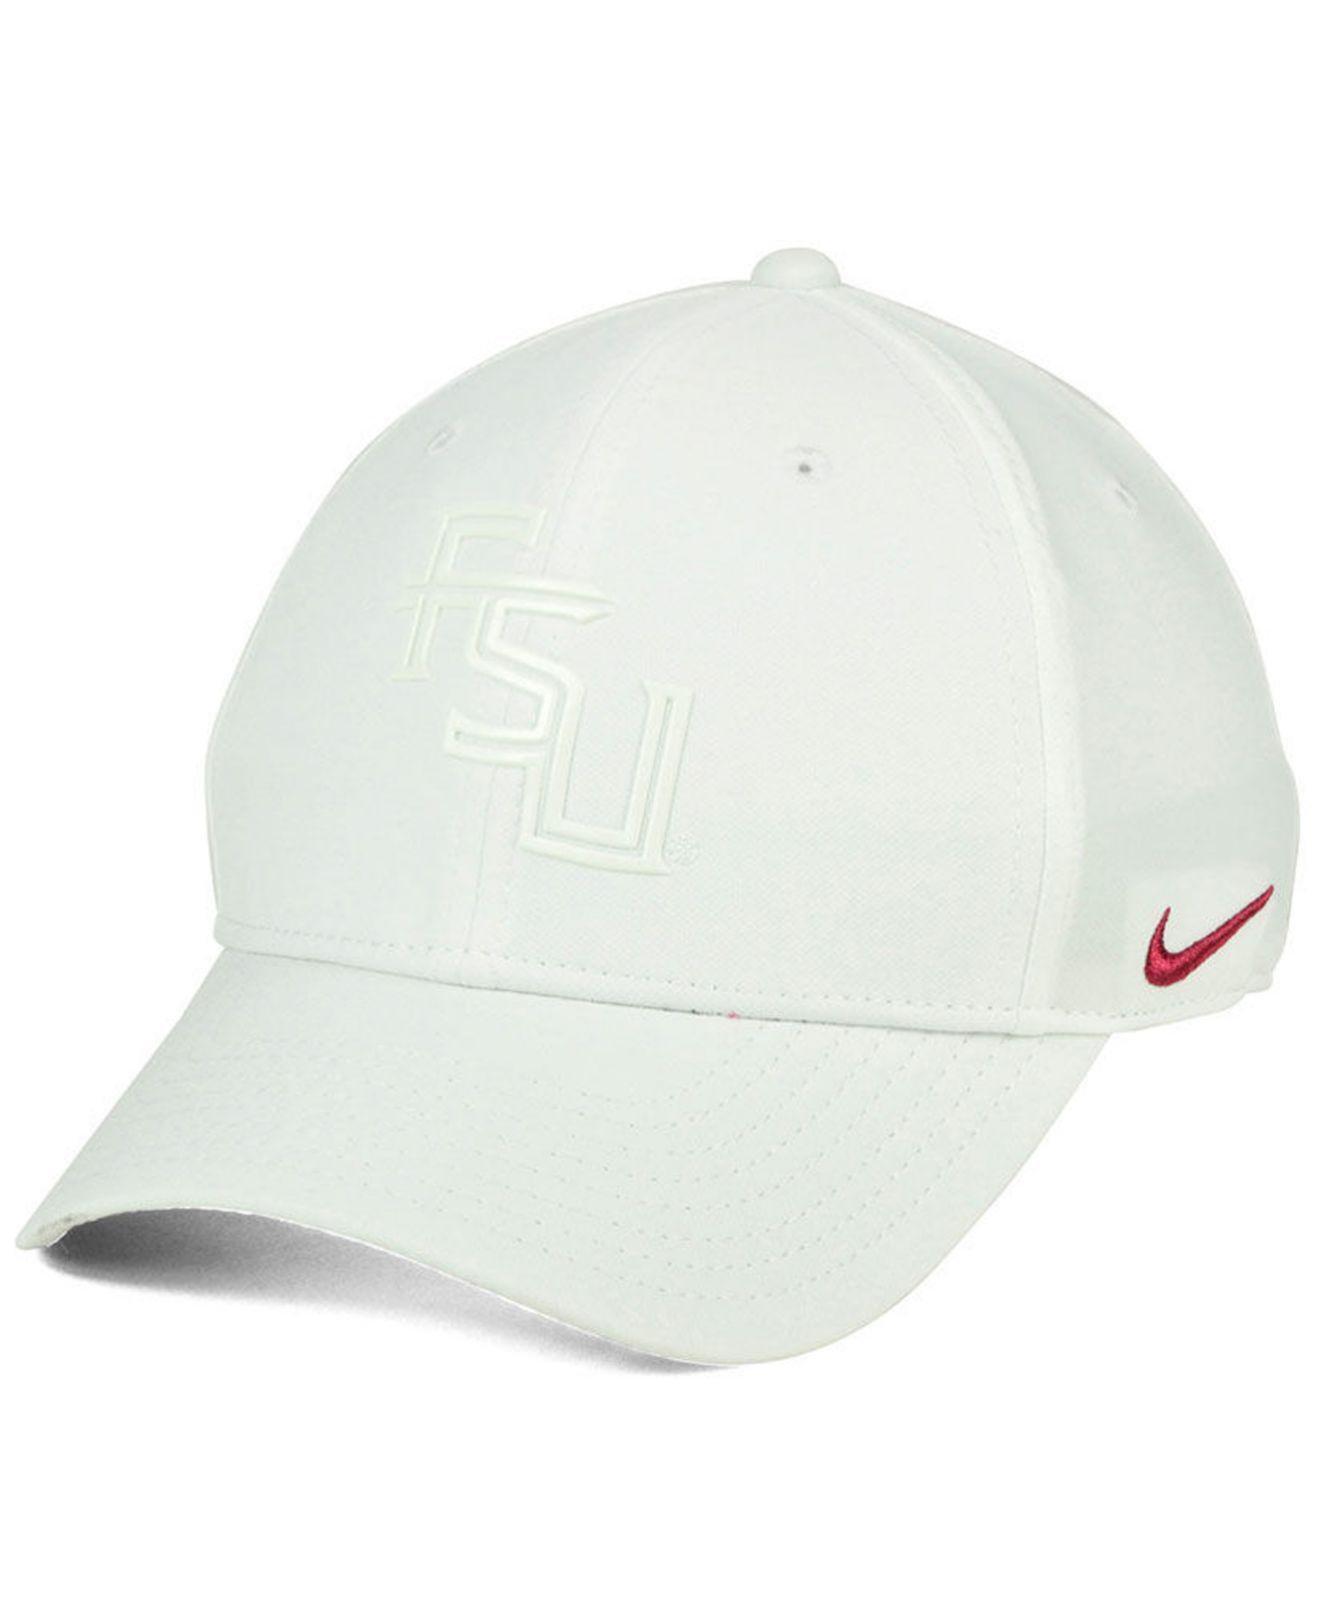 best sneakers 2d718 6b50c ... uk nike white florida state seminoles col cap for men lyst. view  fullscreen e209c 63613